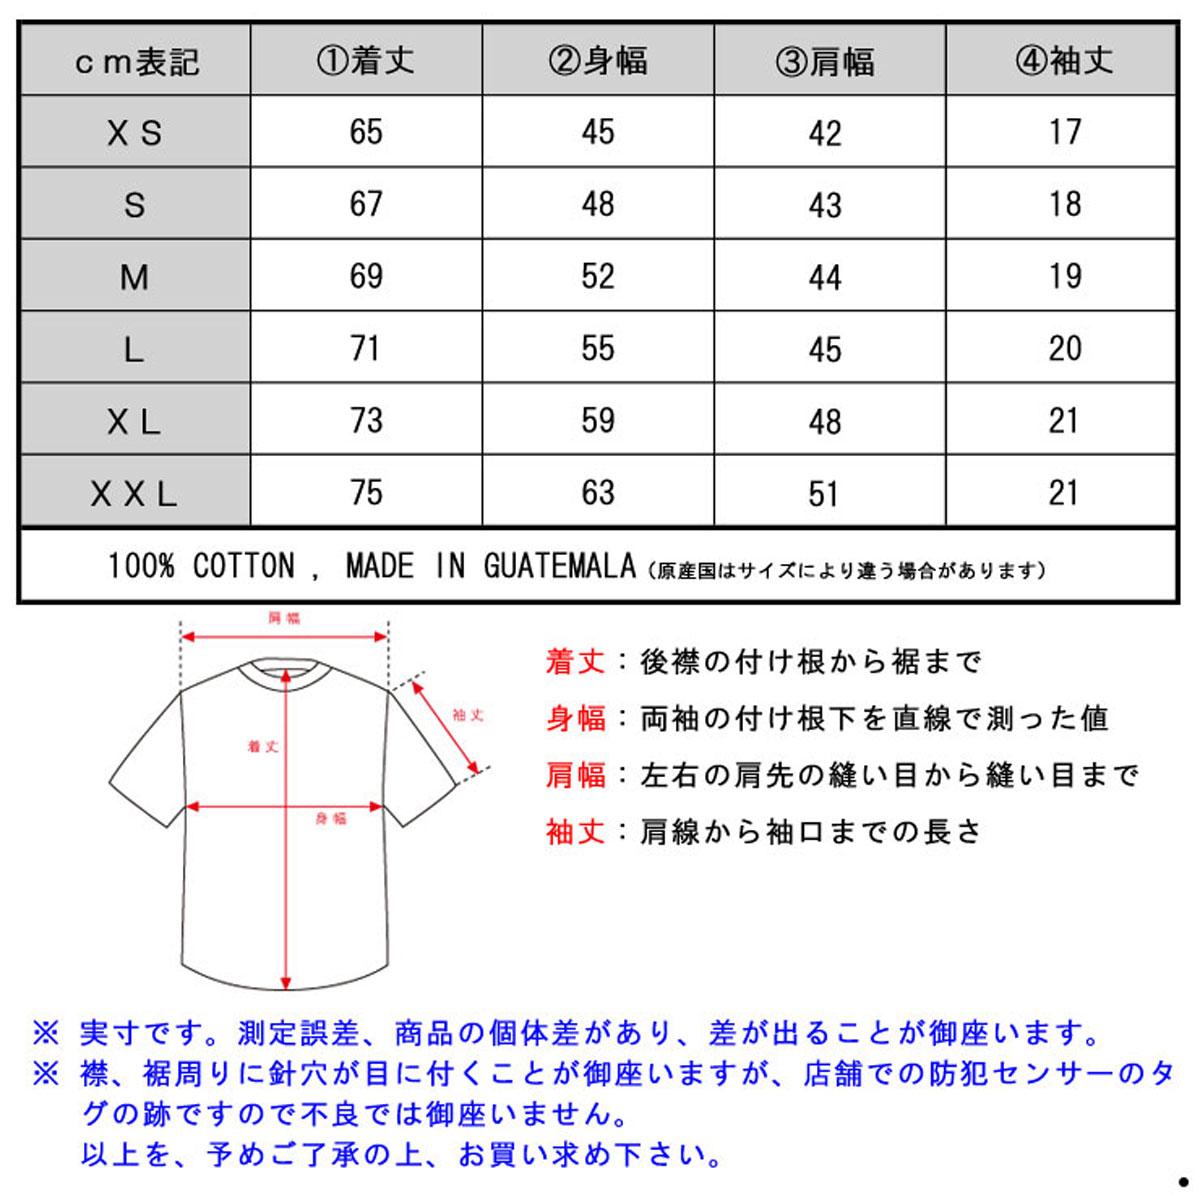 デニムアンドサプライラルフローレン DENIM&SUPPLY RALPH LAUREN 正規品 メンズ 半袖Tシャツ COTTON JERSEY GRAPHIC TEE